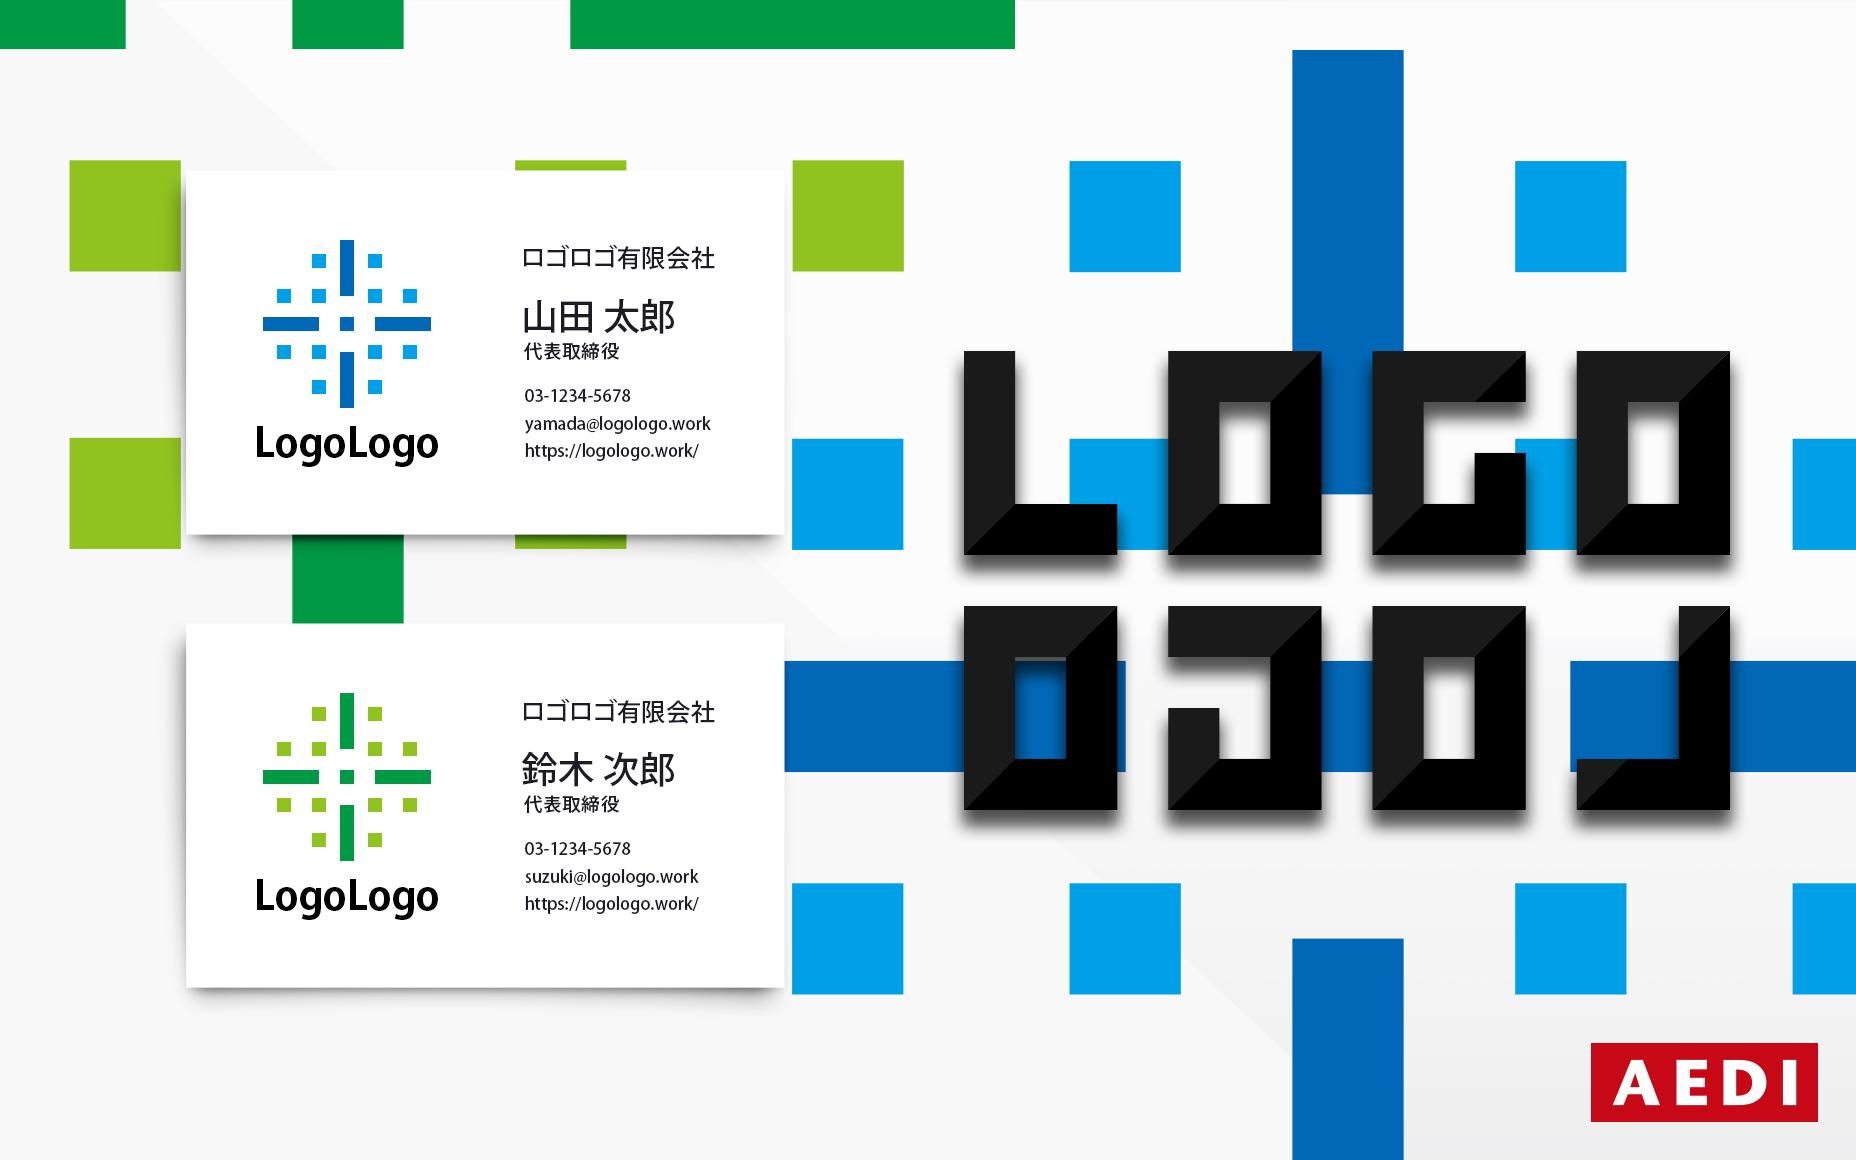 ロゴロゴ ロゴマークデザイン011 ホームページ/Web制作・デザイン制作 岡山県倉敷市のWebとデザインの制作会社 AEDI株式会社